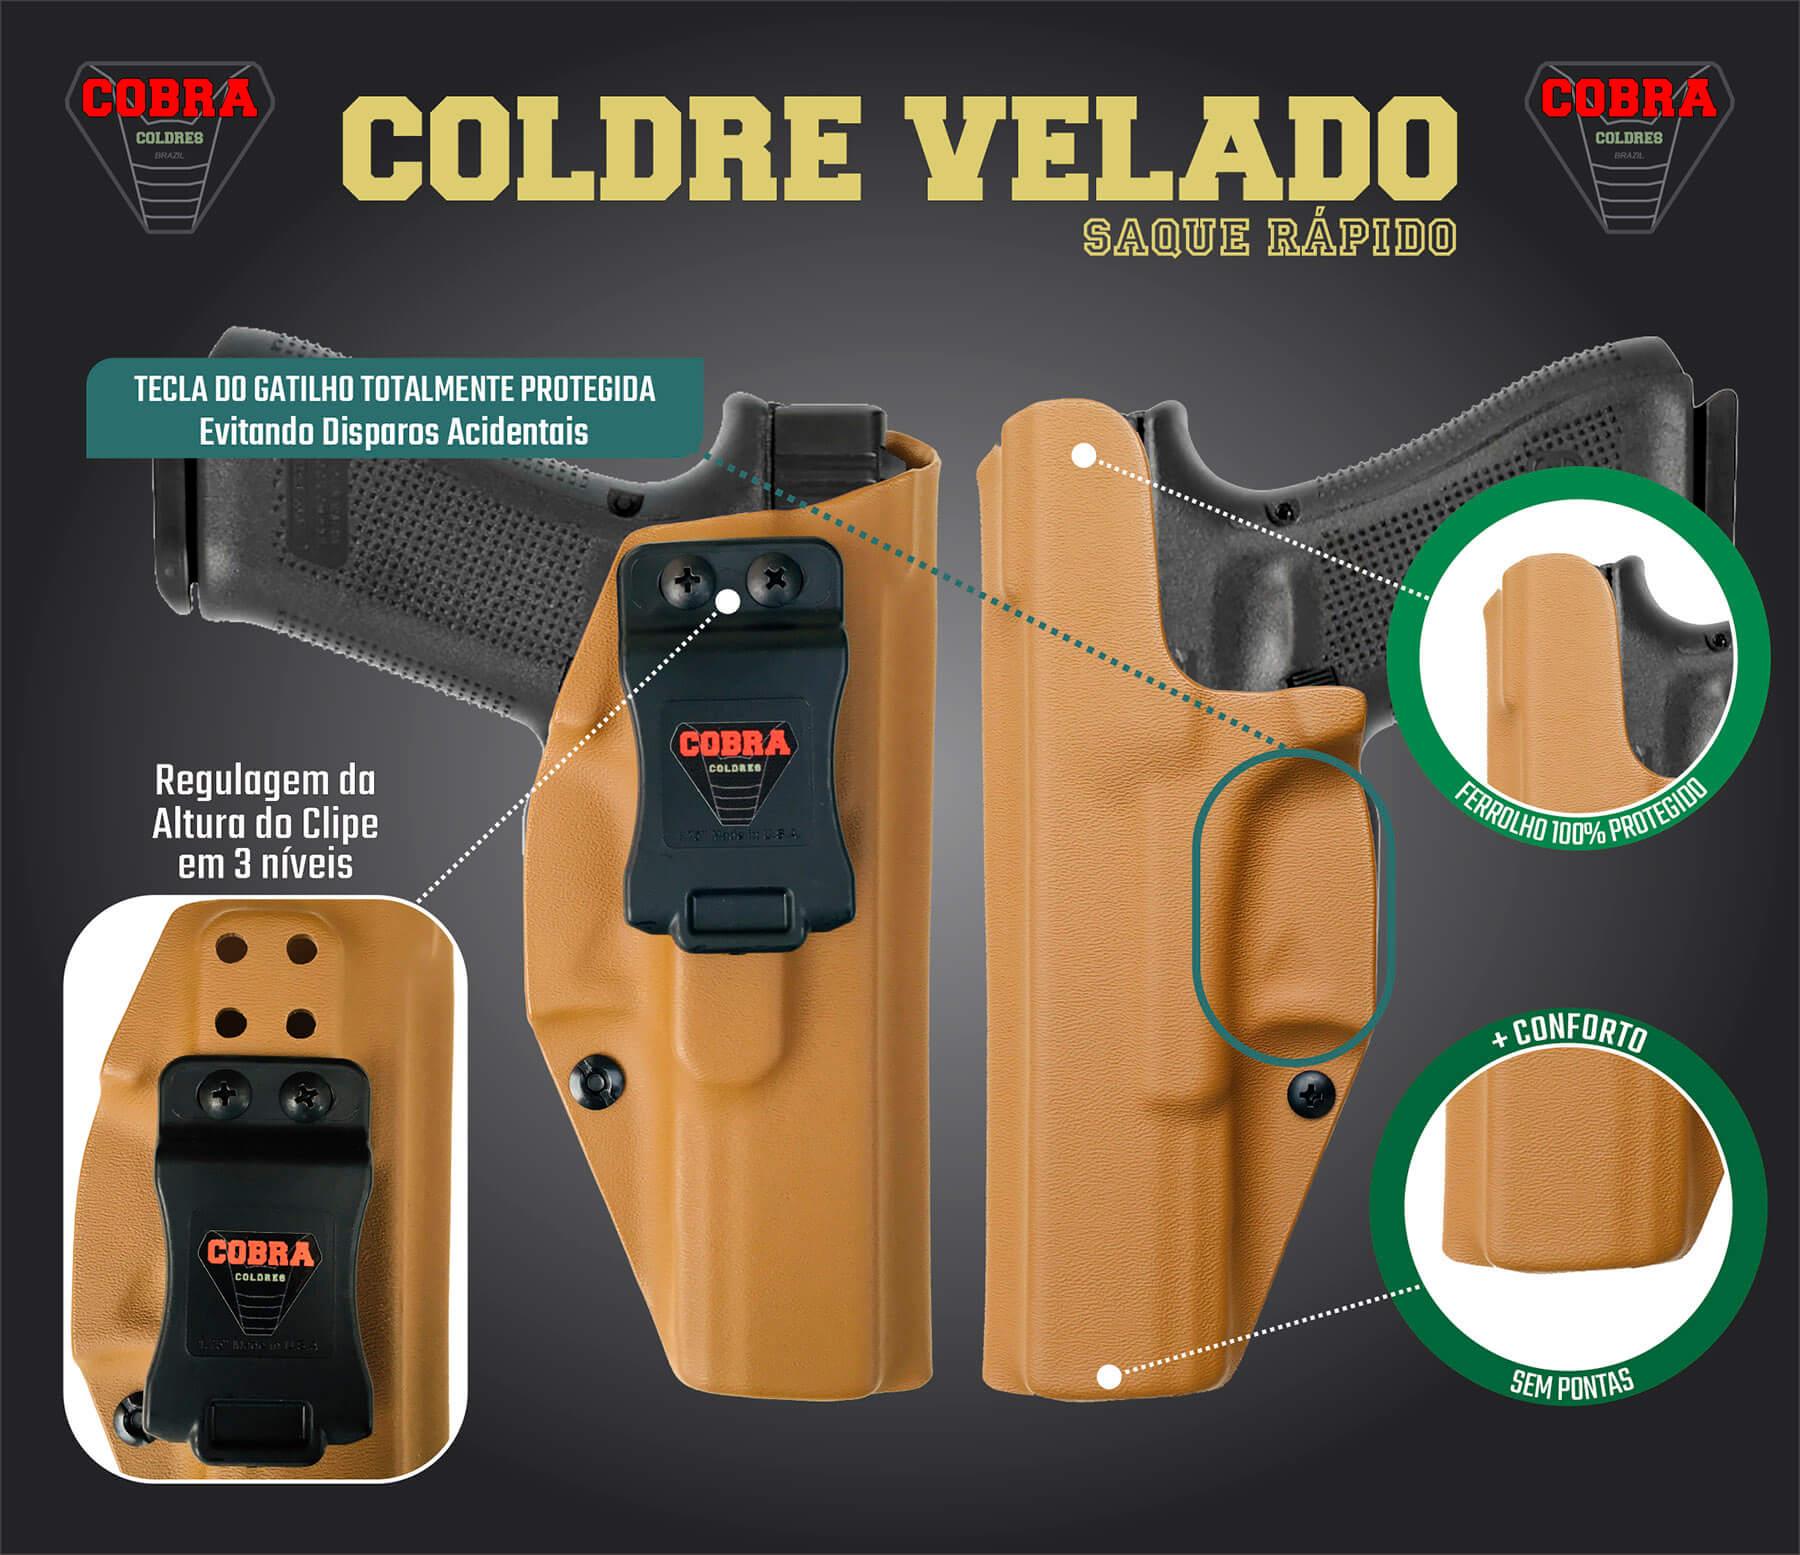 Coldre [Beretta] [APX] 9mm [Full Size] Saque Rápido Velado - Kydex® 080 Made in USA [Cobra Coldres]